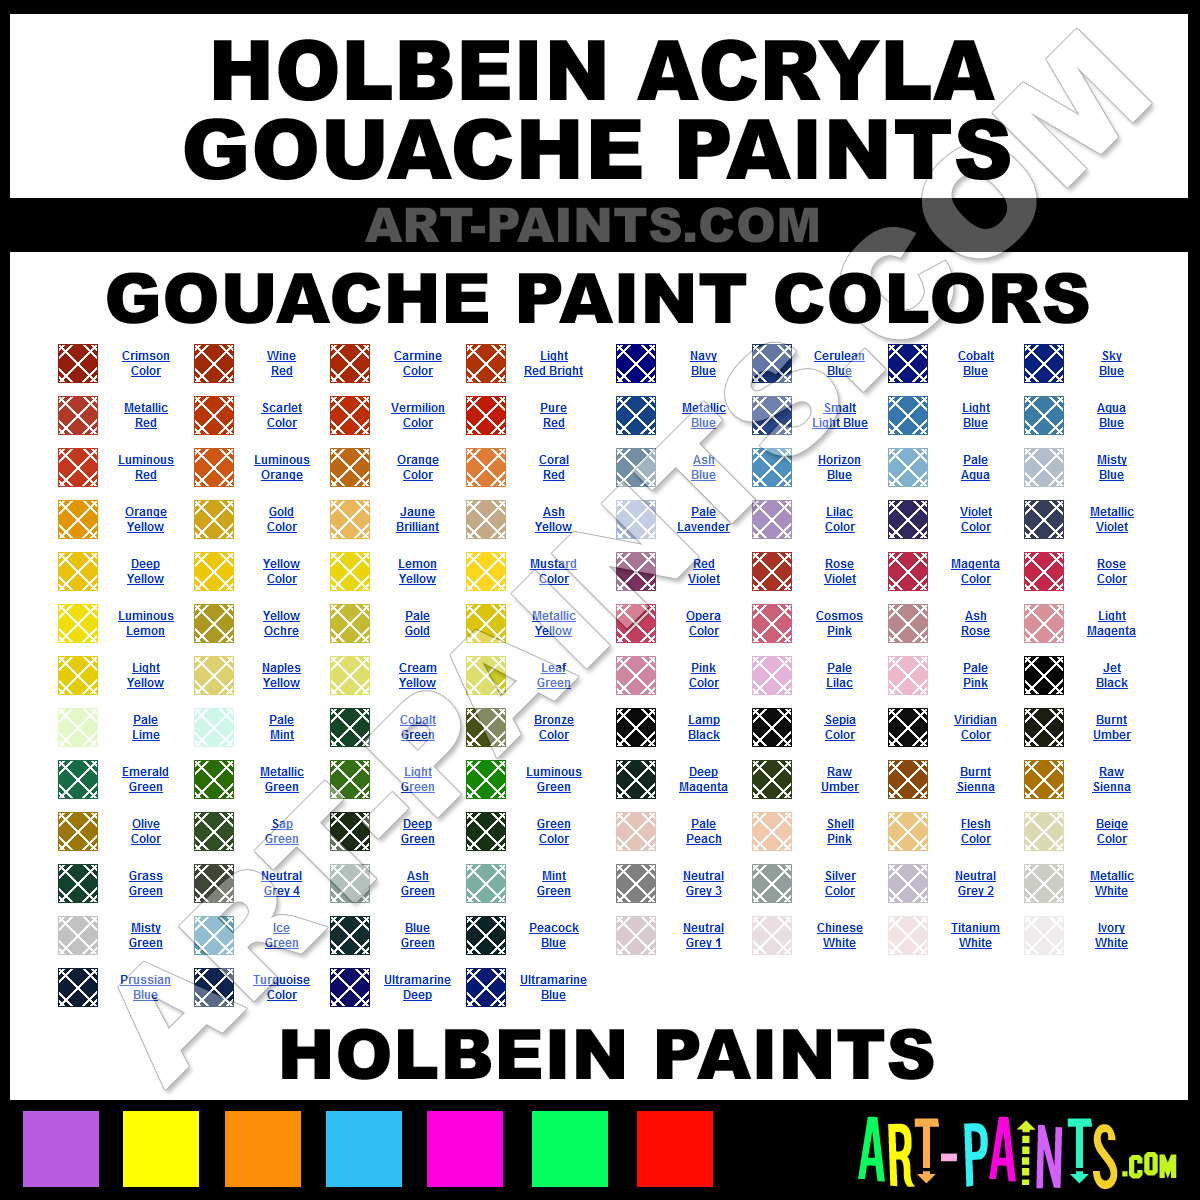 Holbein Acryla Gouache Paint Colors Holbein Acryla Paint Colors